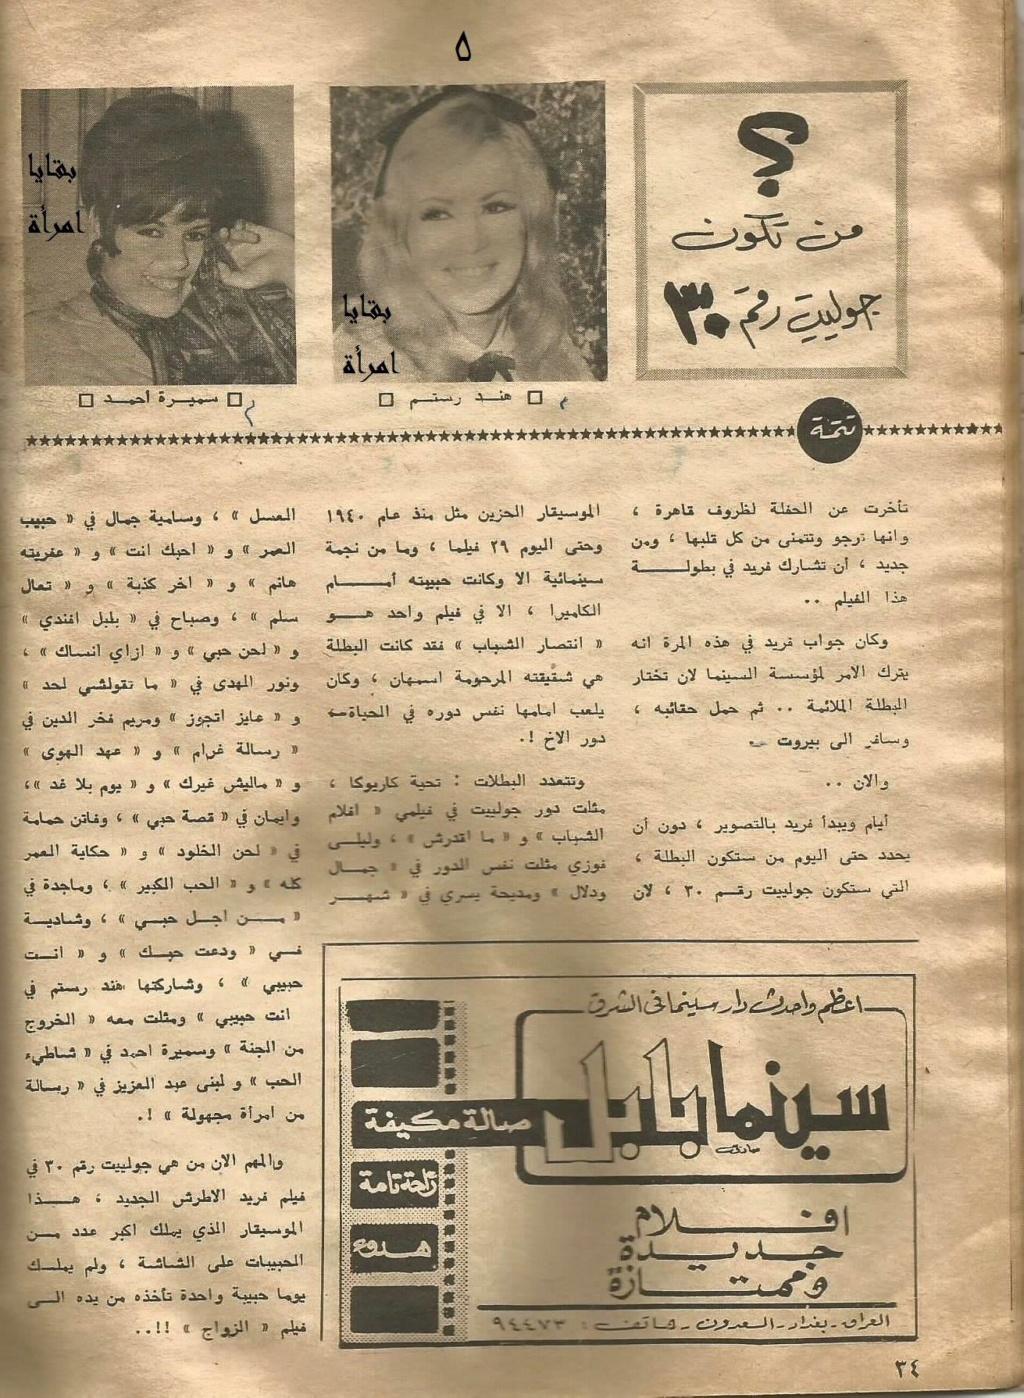 مقال صحفي : من تكون حولييت رقم 30 التي سيحبها فريد الأطرش ؟ 1971 م 536